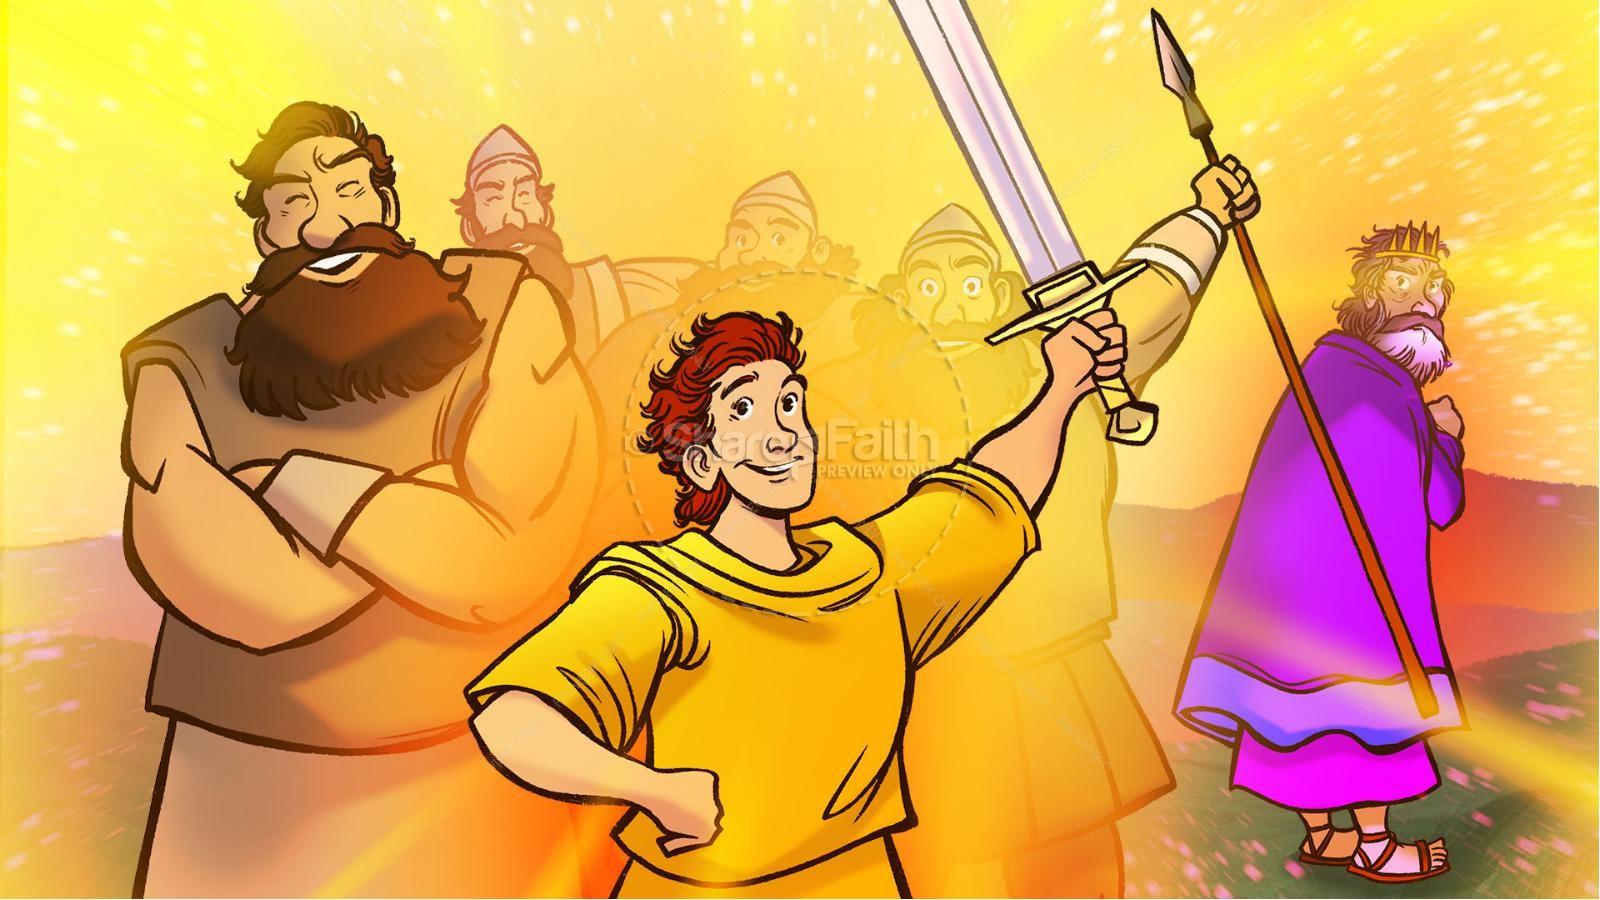 1 Samuel 18 19 David, Saul, & Jonathan Kids Bible Story | slide 8